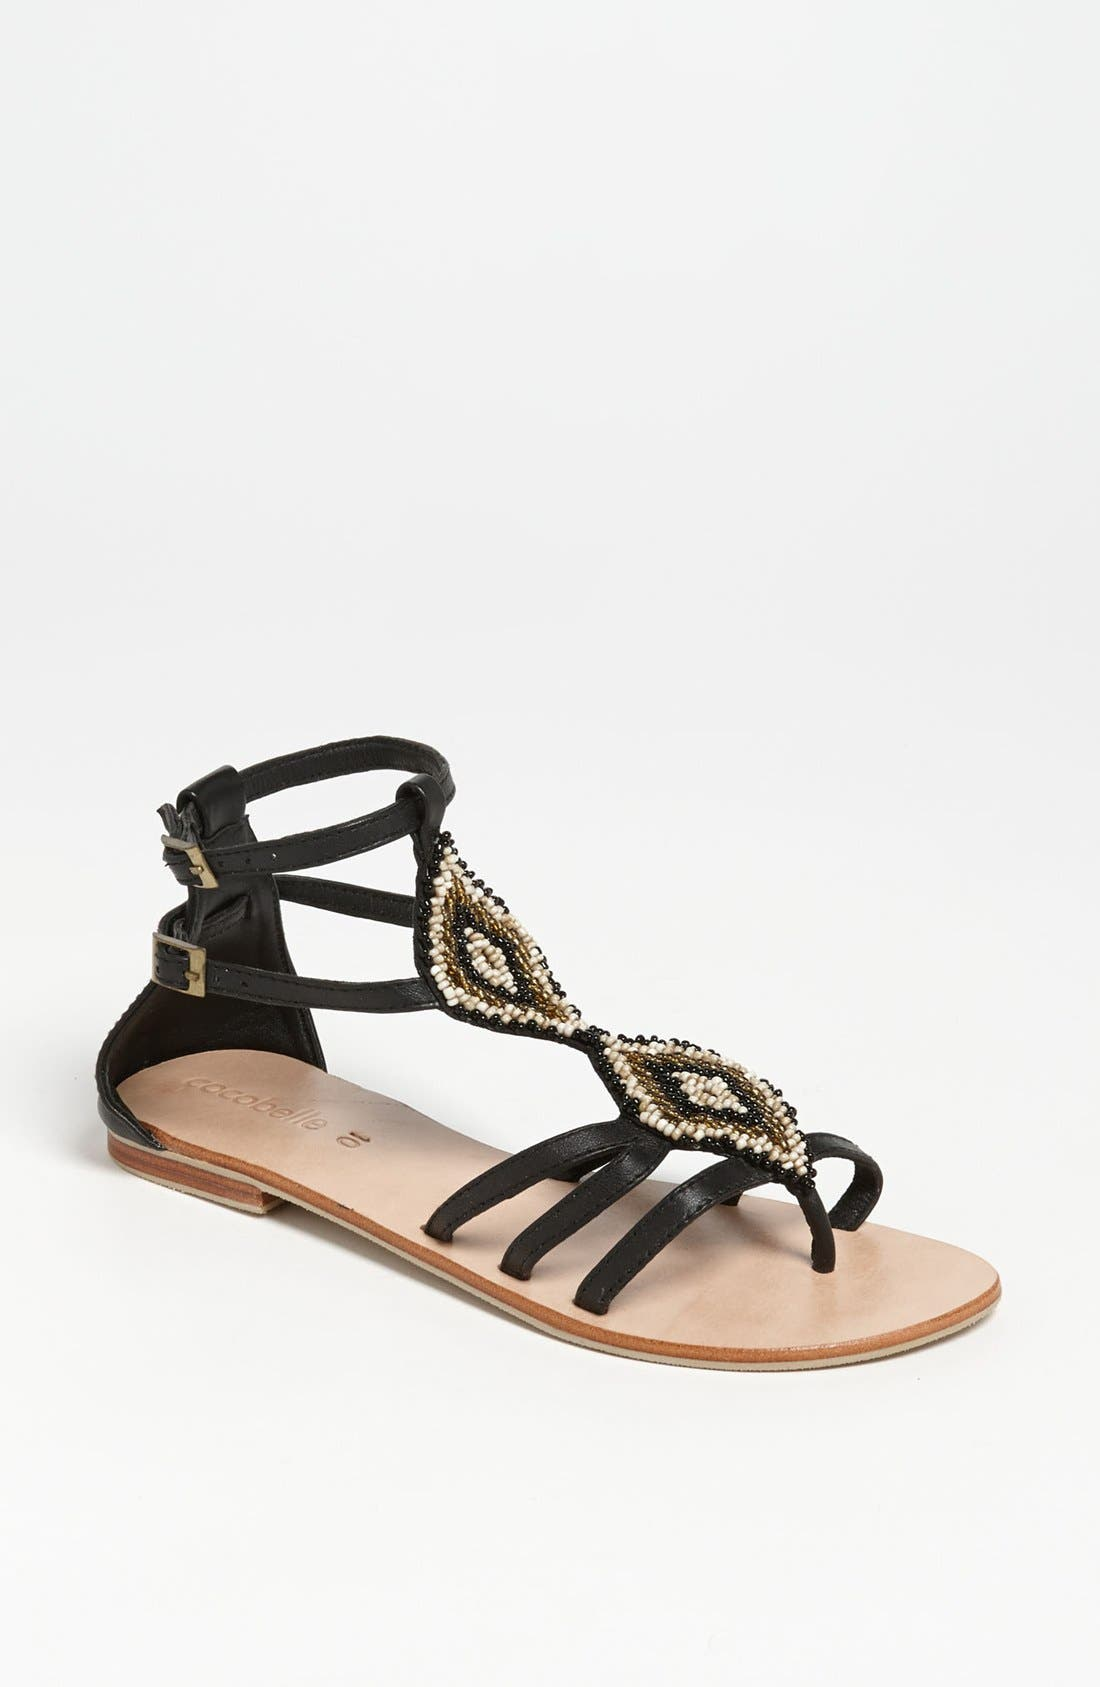 Main Image - Cocobelle 'Aztec' Sandal